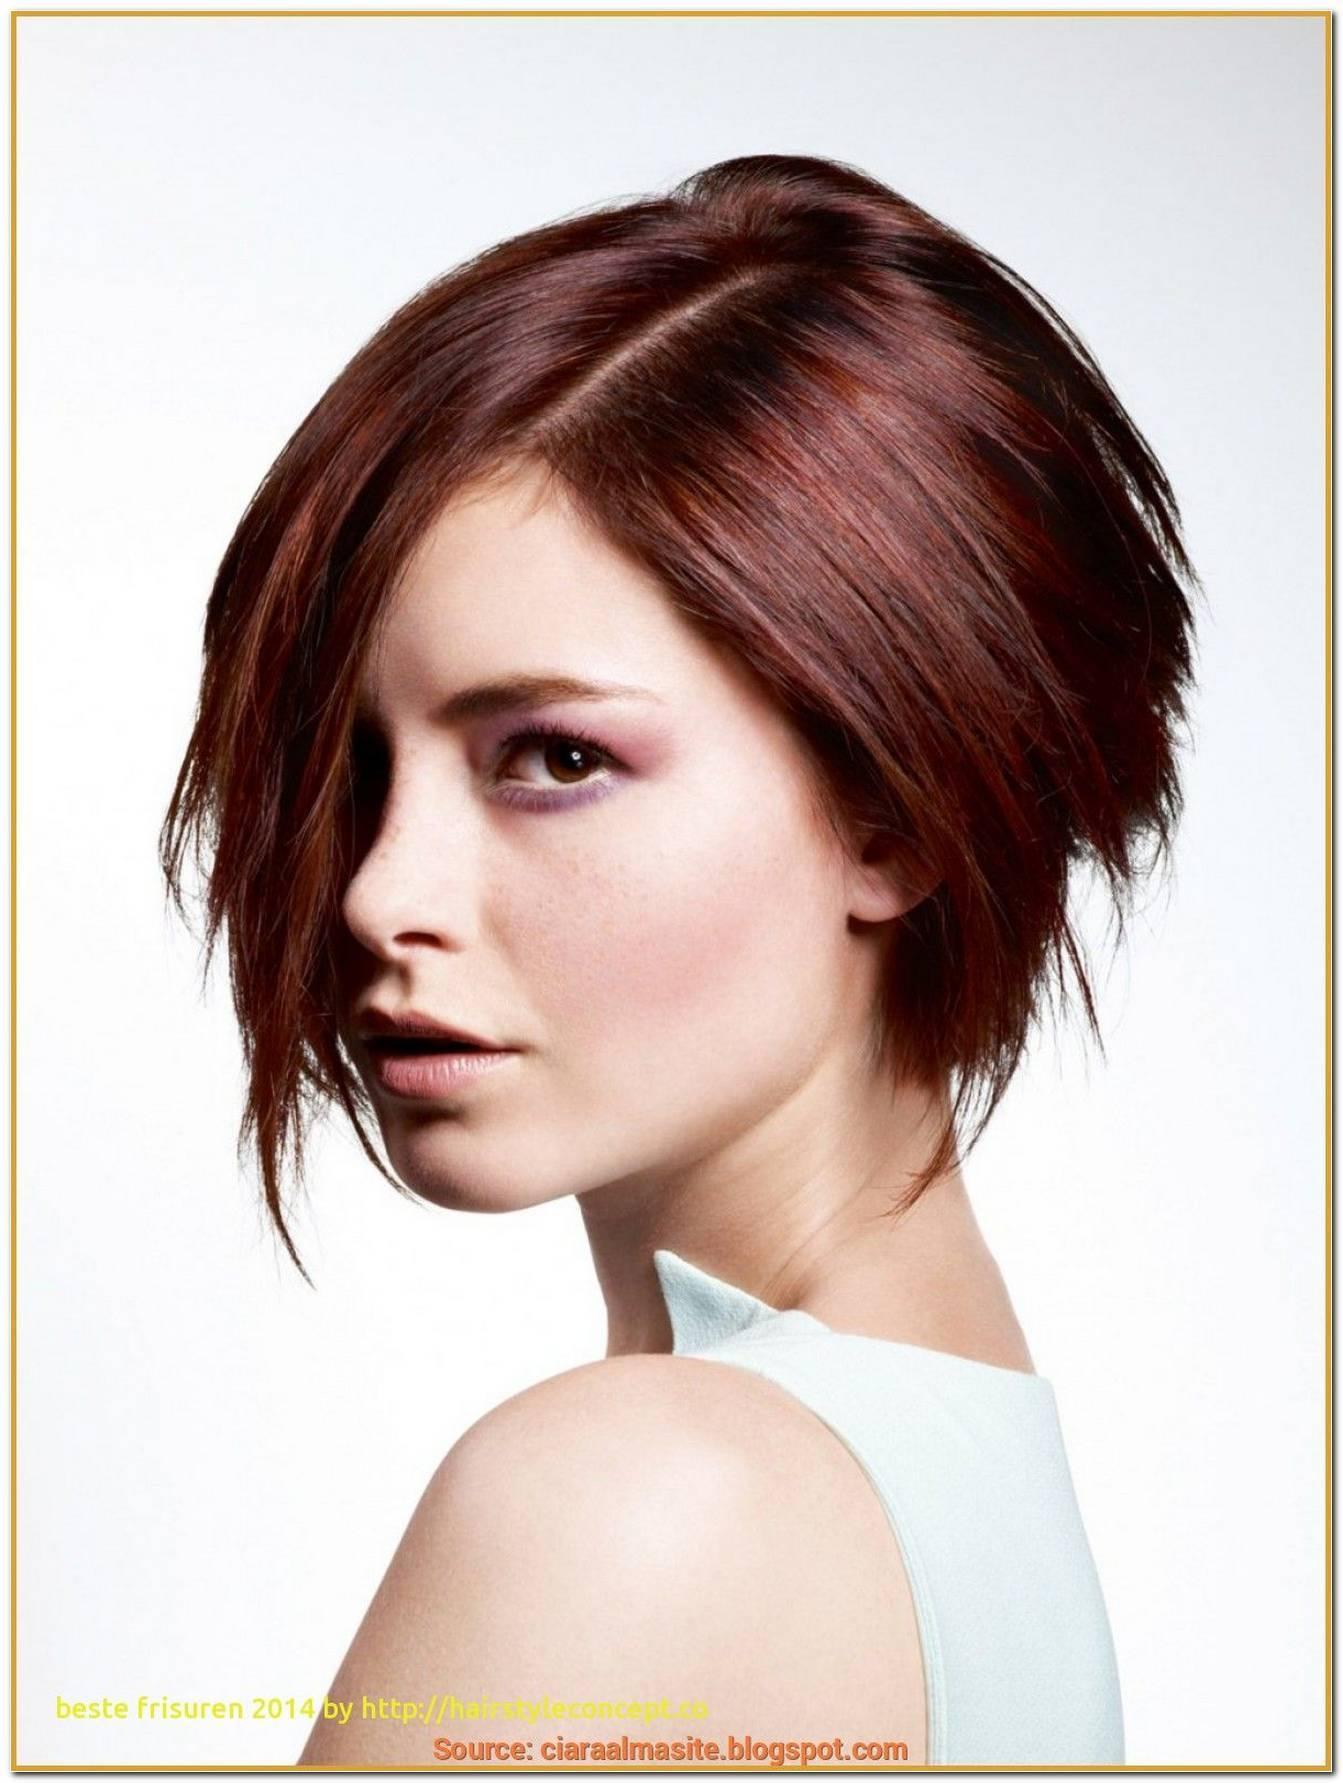 Frisuren 2014 Frauen